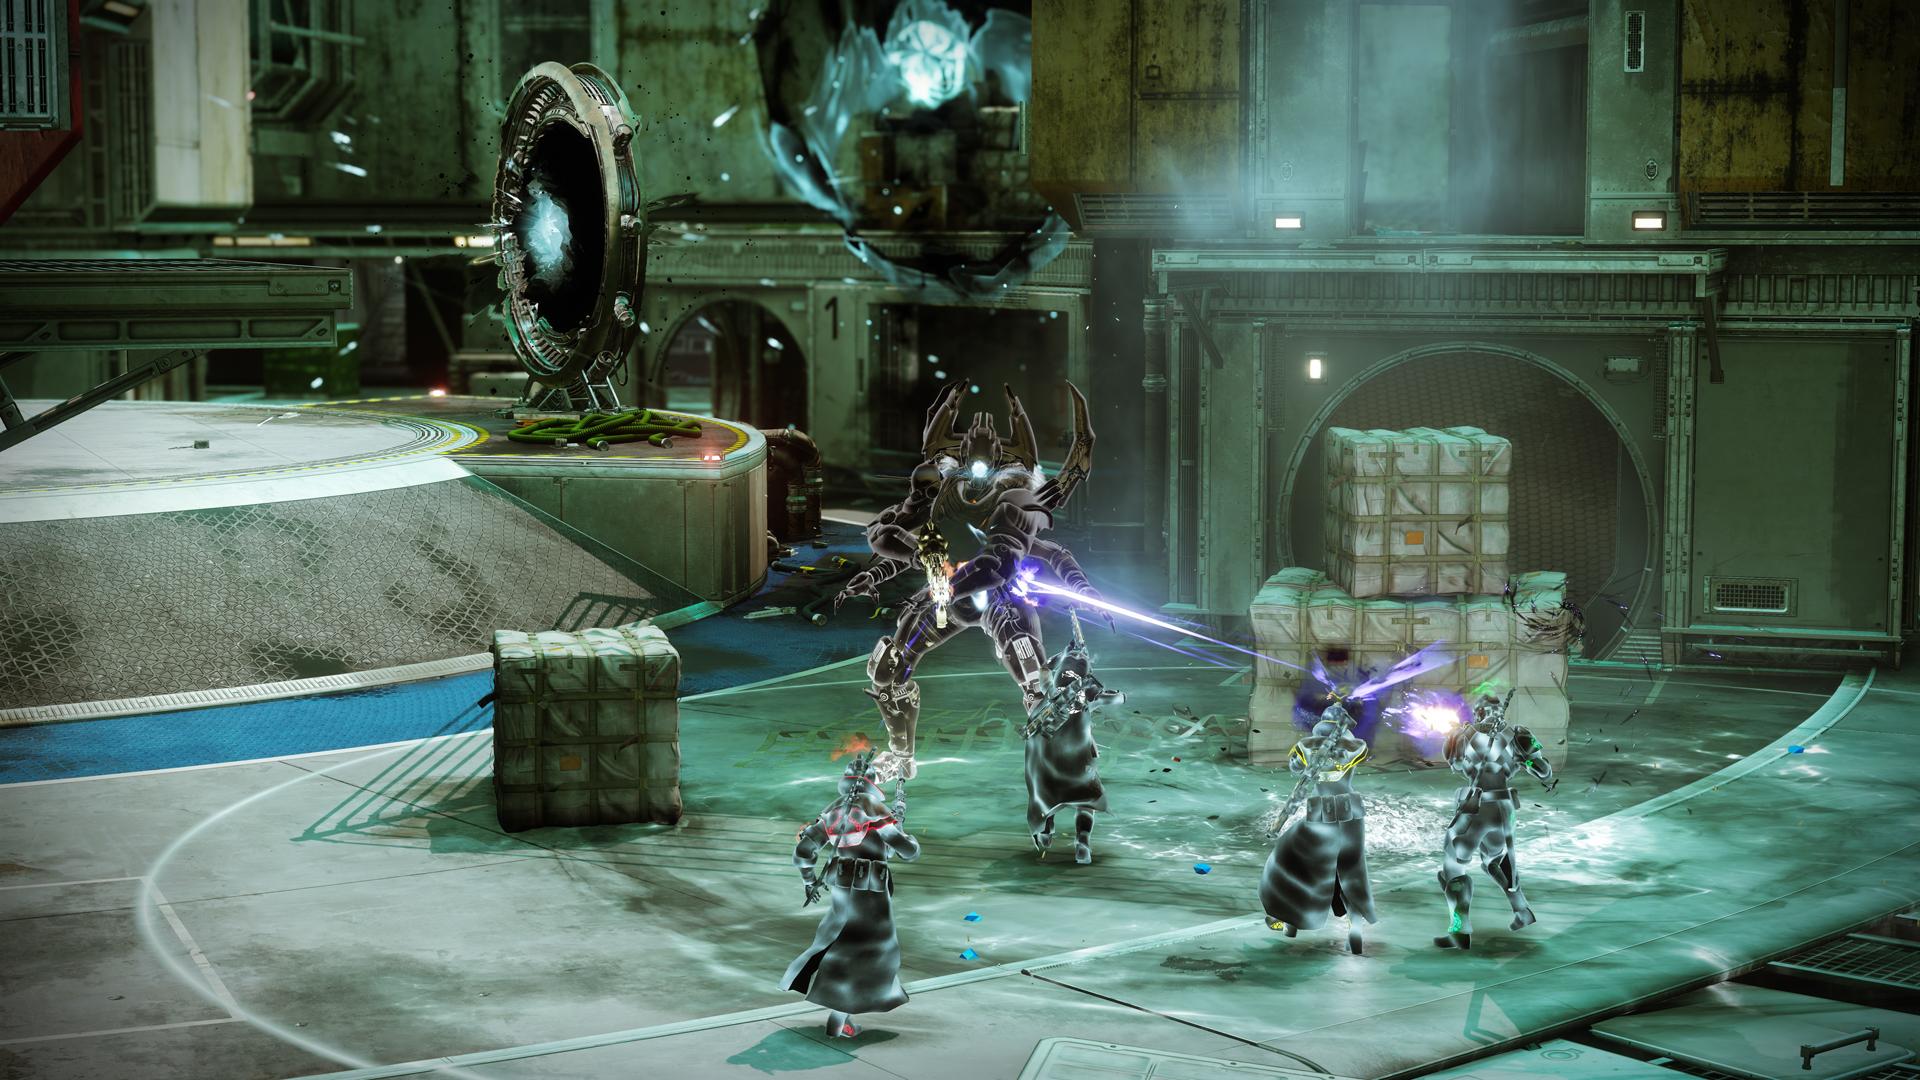 Top Five How To Reset Infamy Rank Gambit Destiny 2 - Circus